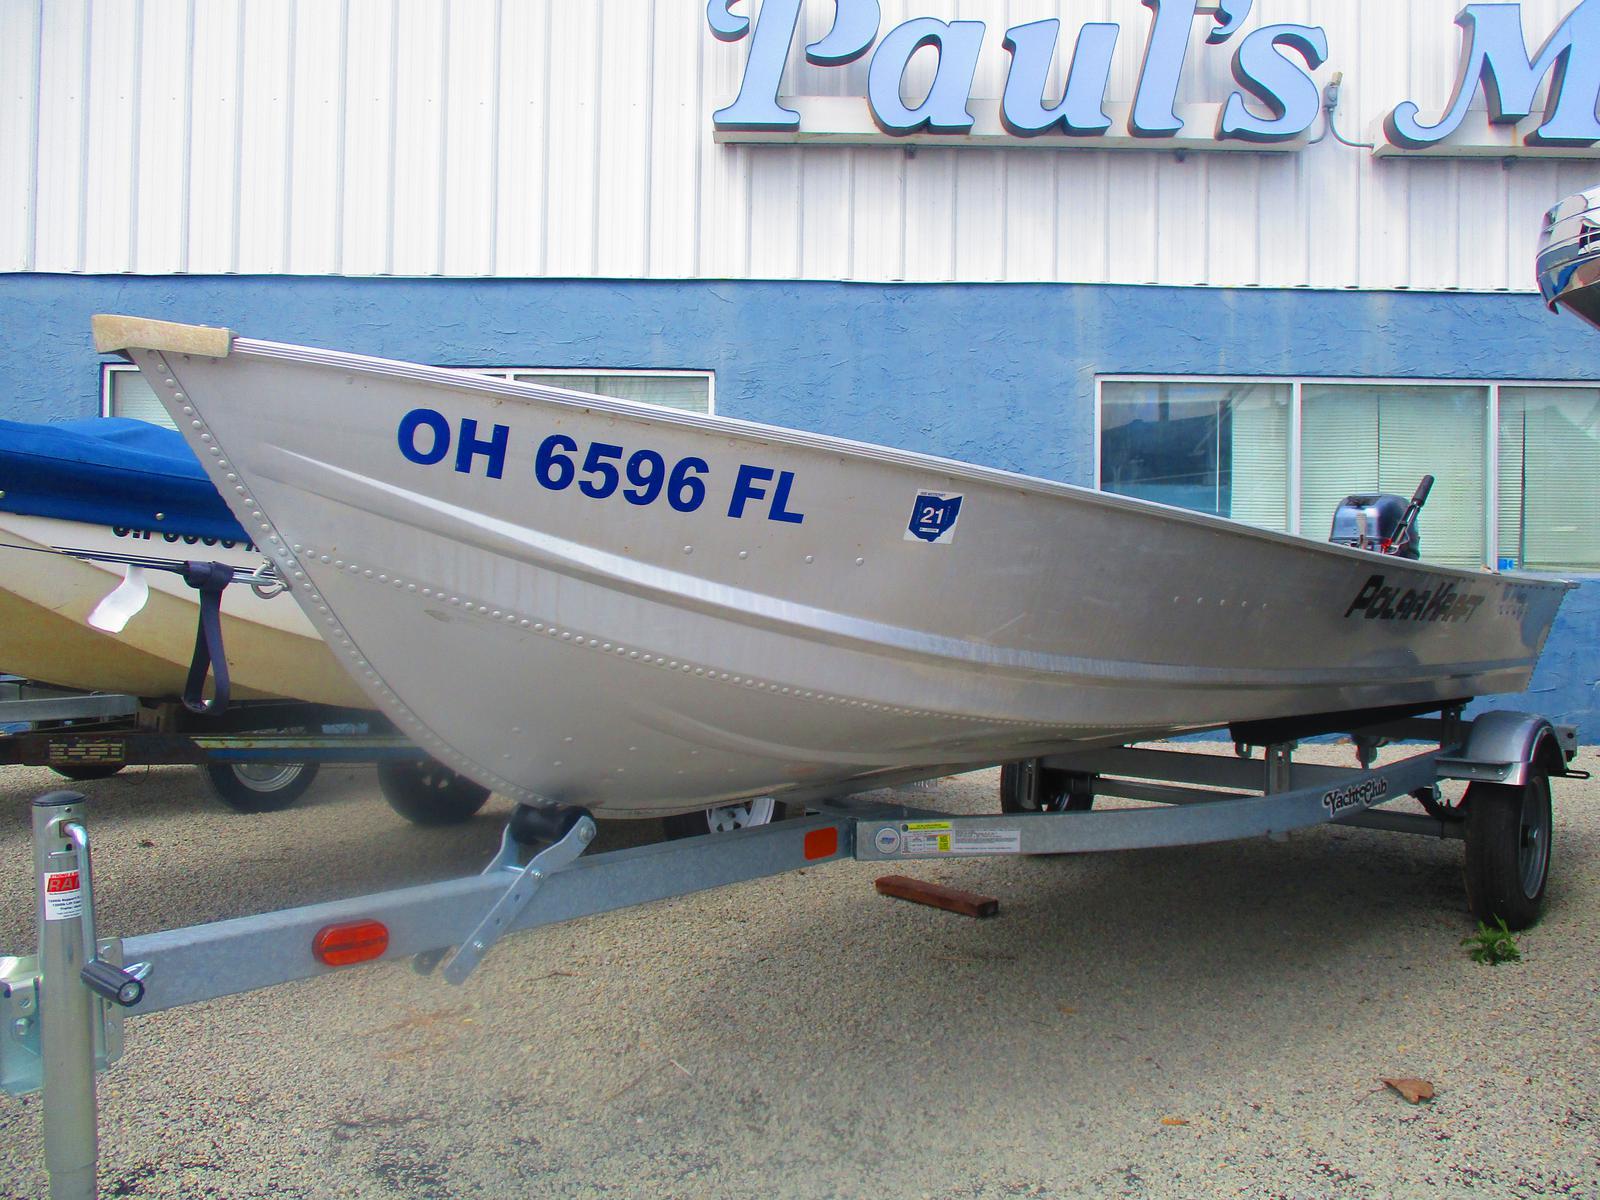 2014 Polar Kraft boat for sale, model of the boat is Dakota V 1260 & Image # 1 of 3